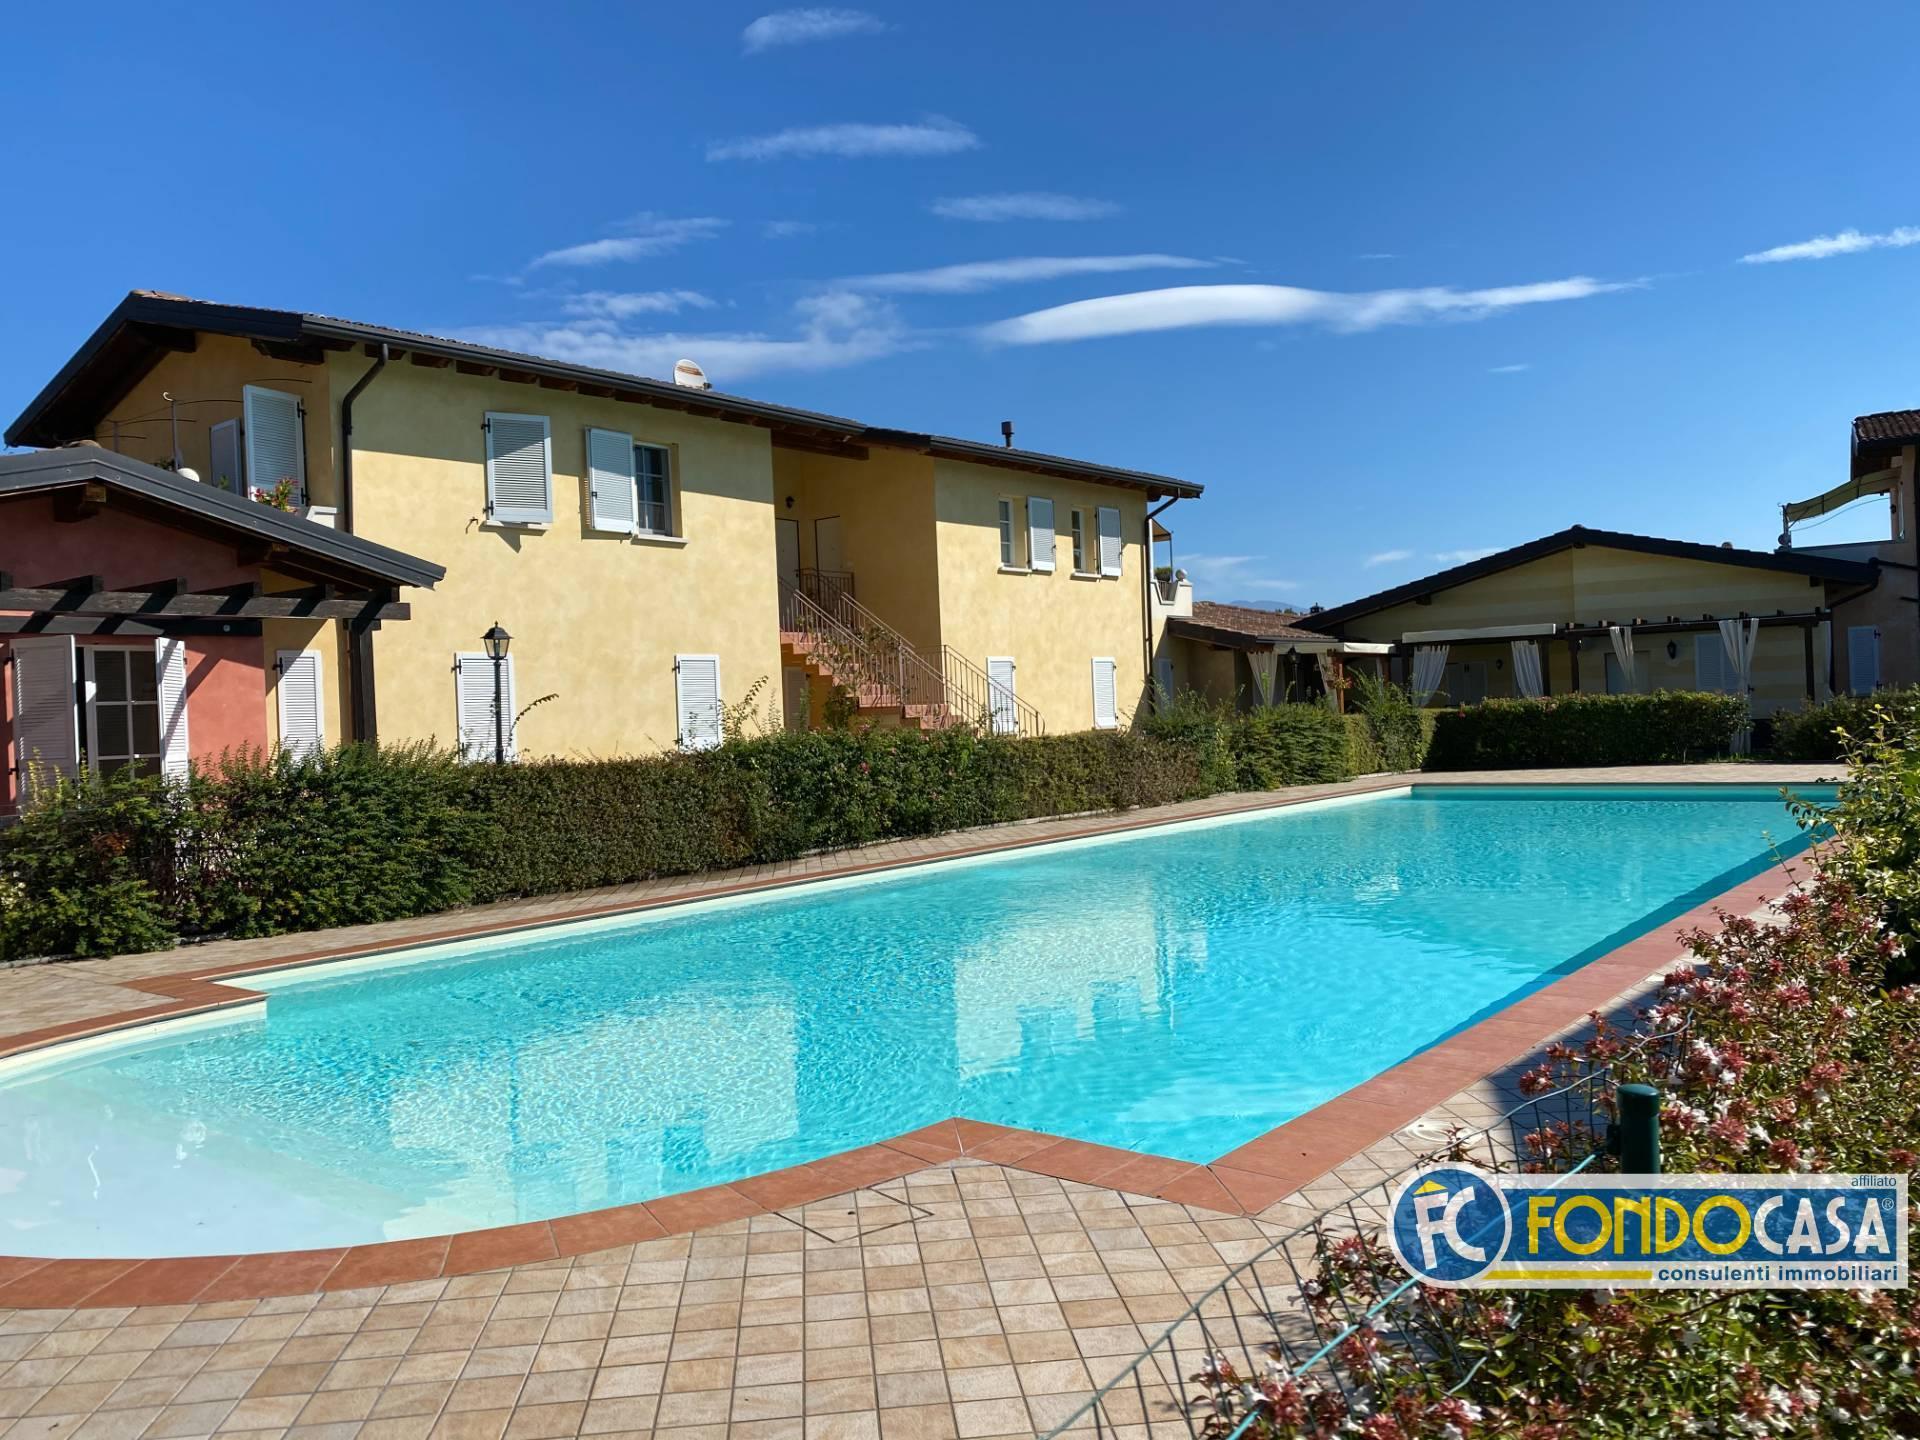 Appartamento in vendita a Manerba del Garda, 3 locali, zona Zona: Sorarolo, prezzo € 209.800 | CambioCasa.it